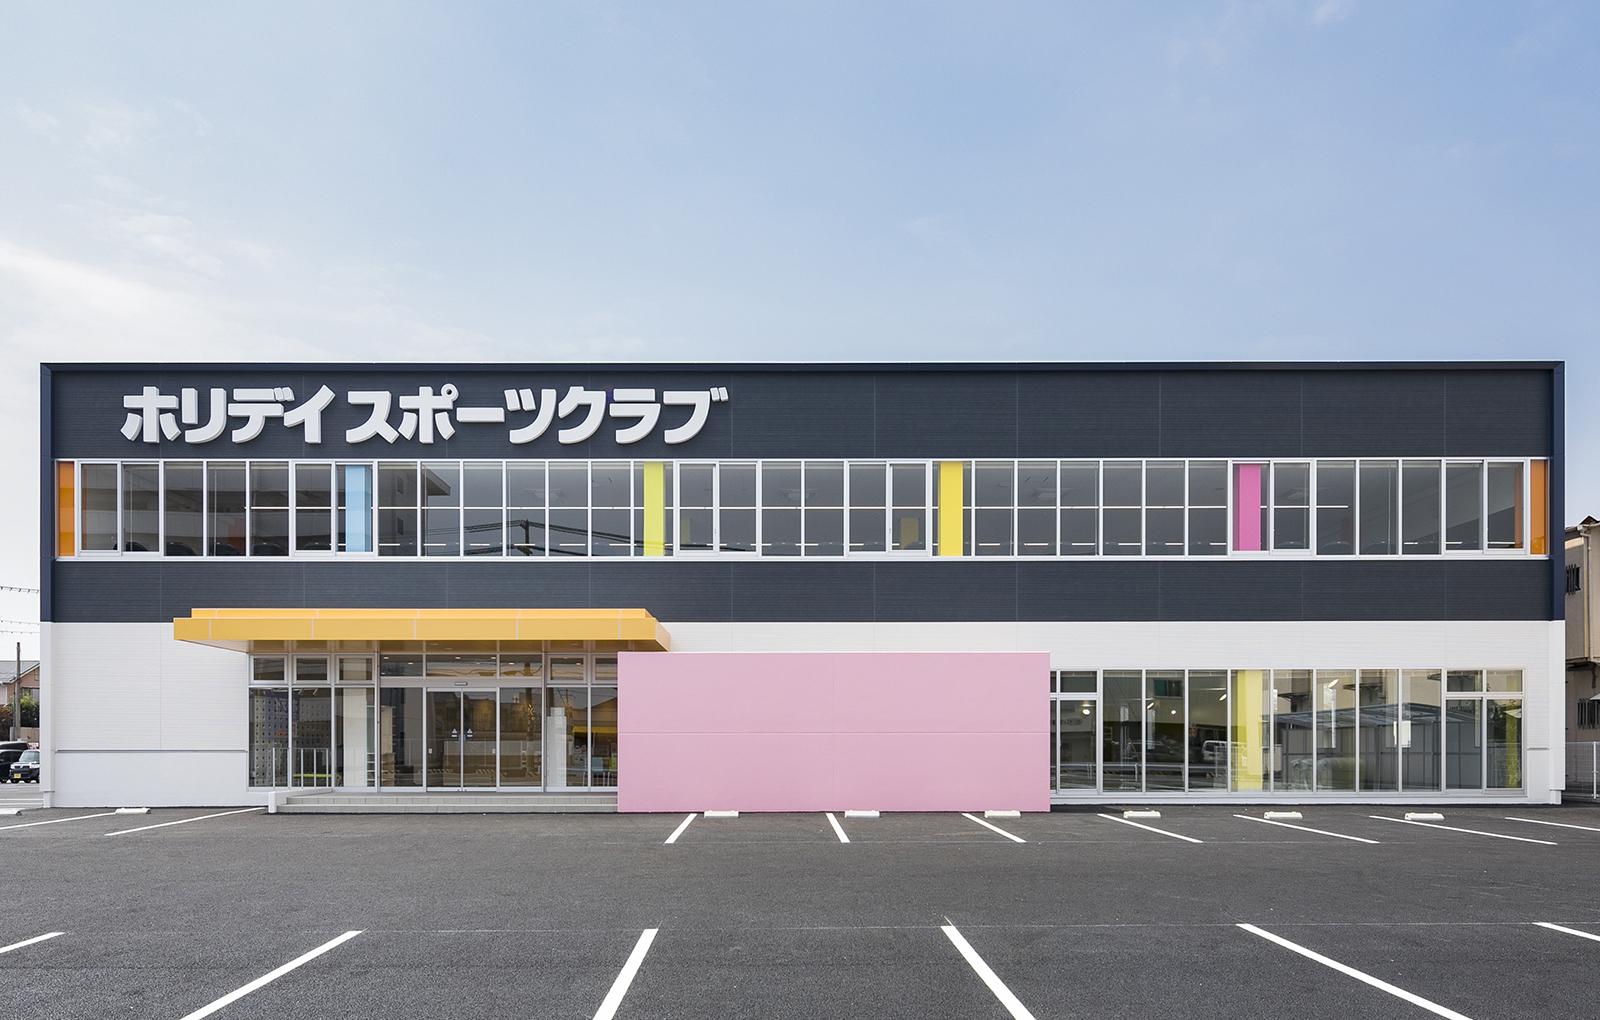 ホリデイスポーツクラブ和歌山新築工事